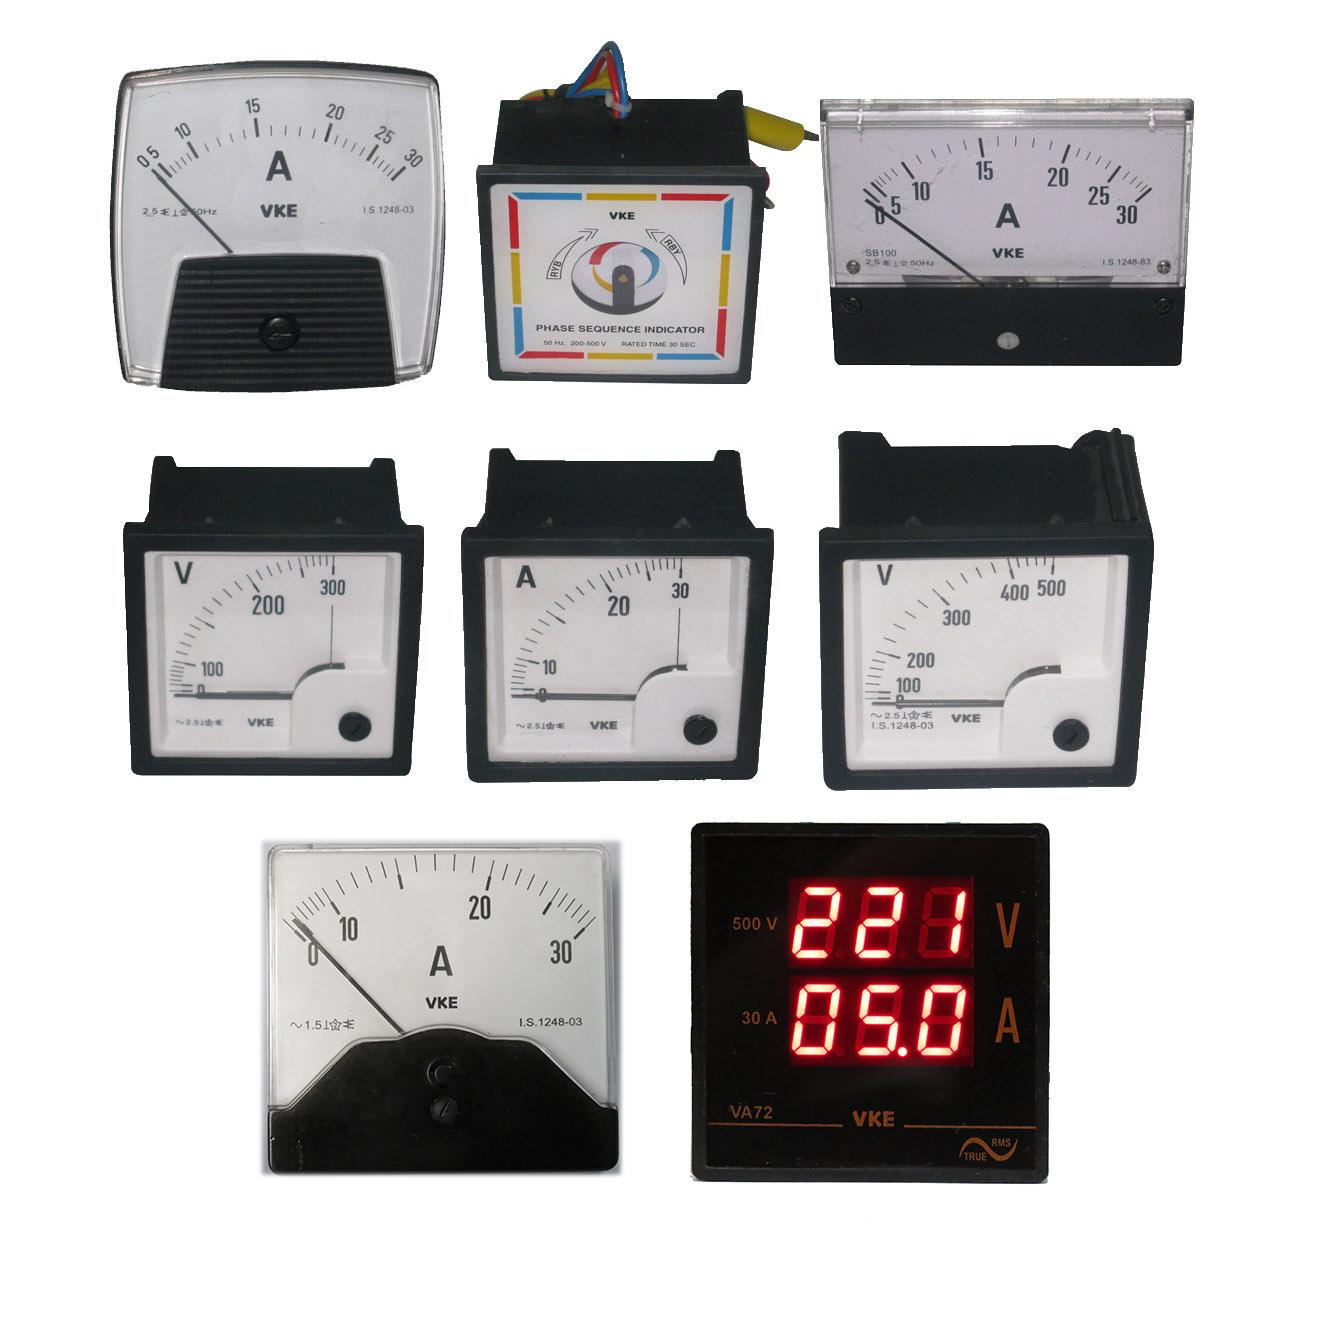 Product Range - Meters